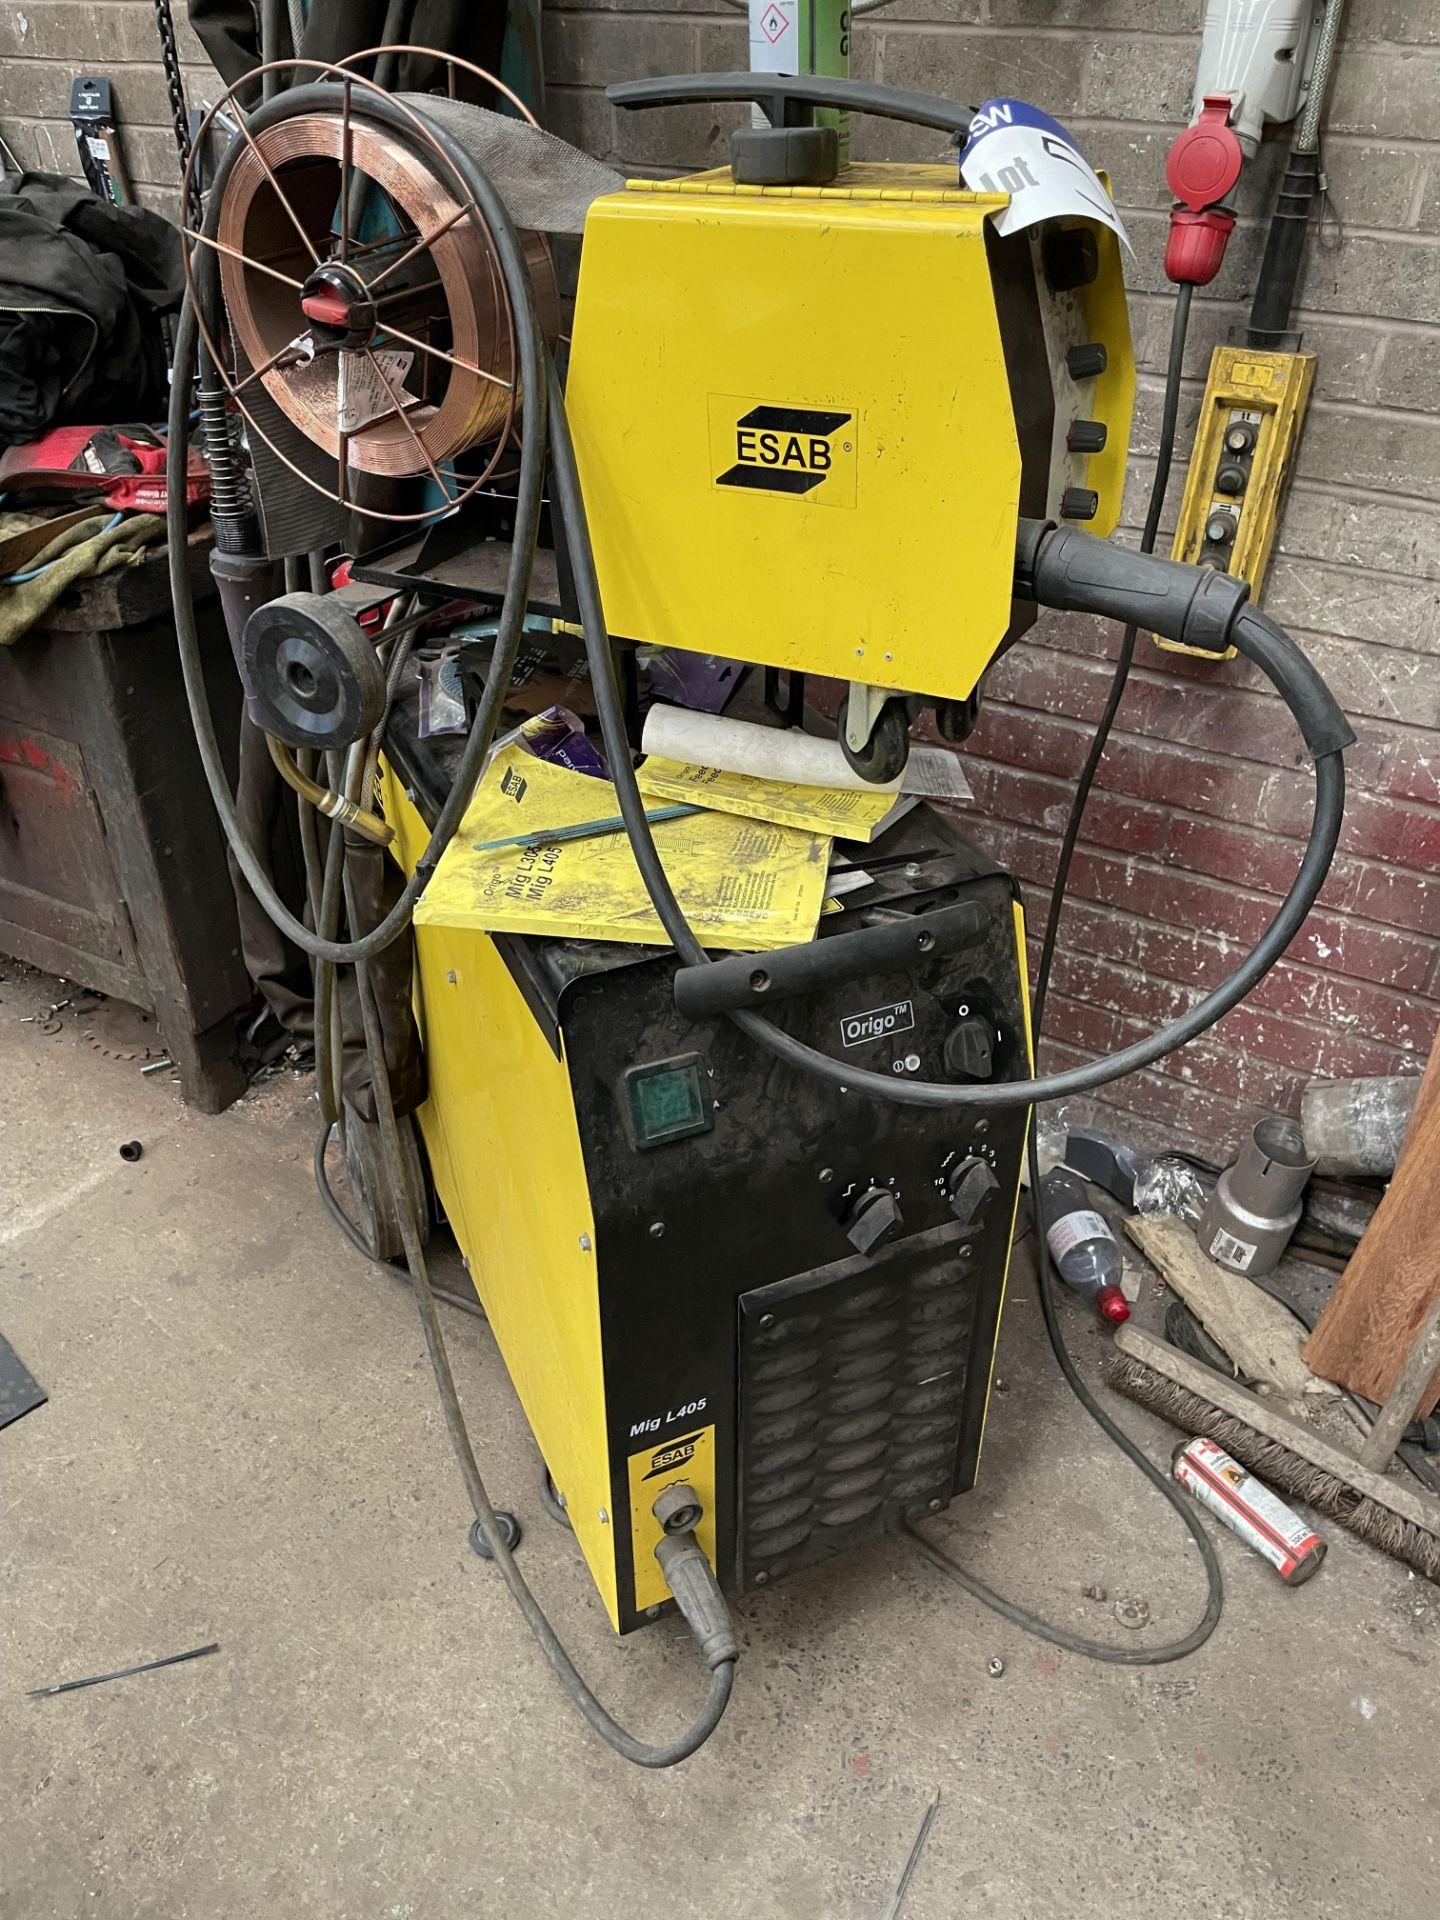 Esab Origo MIG L405 Mig Welder, serial no. 331-530-0523, with Esab Feed L304 wire feed unit and